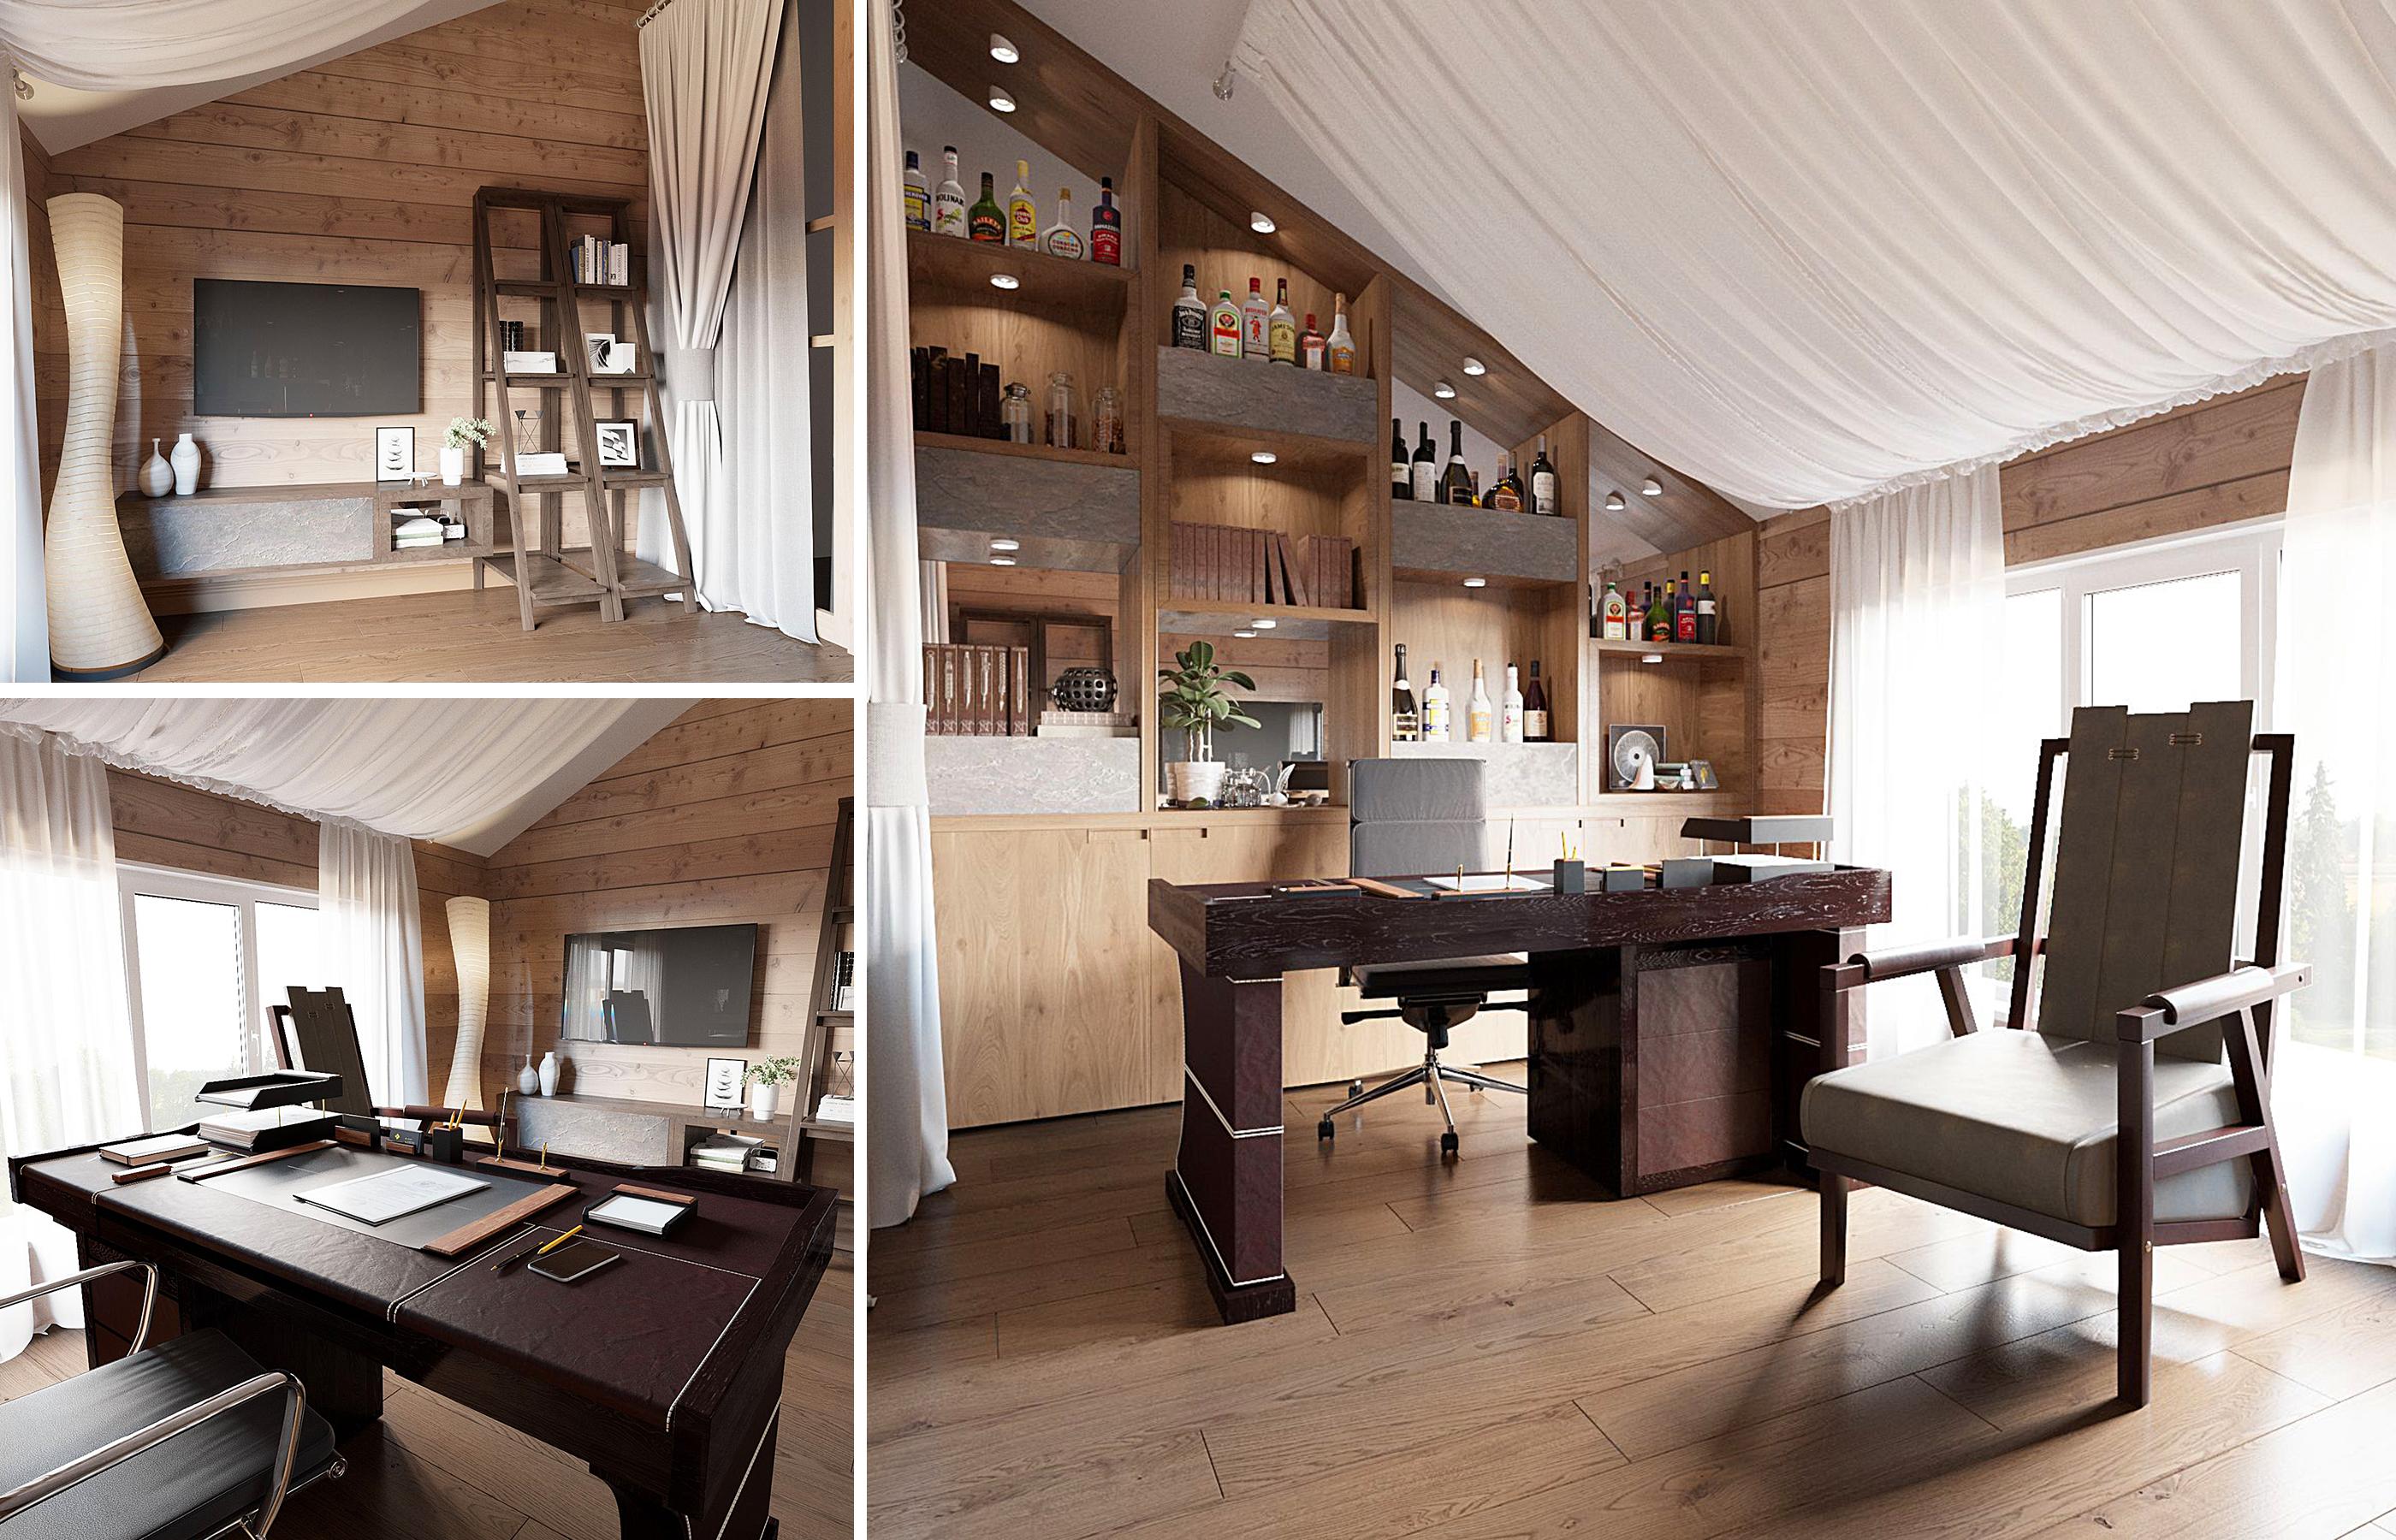 Тканевая драпировка смягчает жесткие формы деревянных потолочных конструкций на потолке